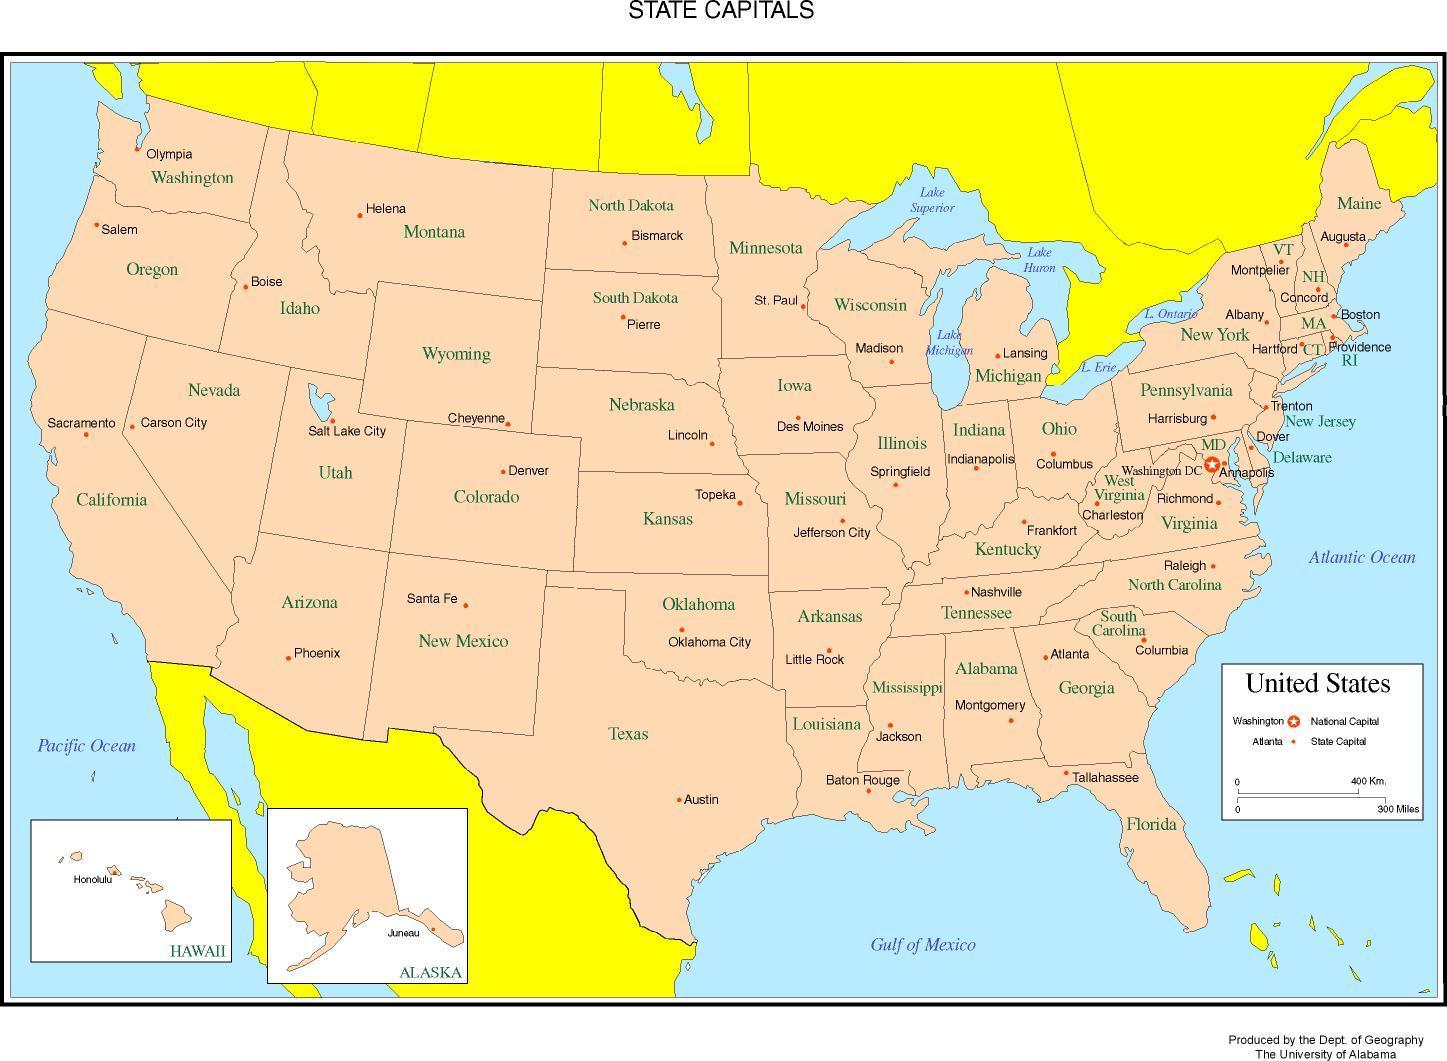 Yhdysvaltain Kartta Merkitty Yhdysvaltojen Merkitty Kartta